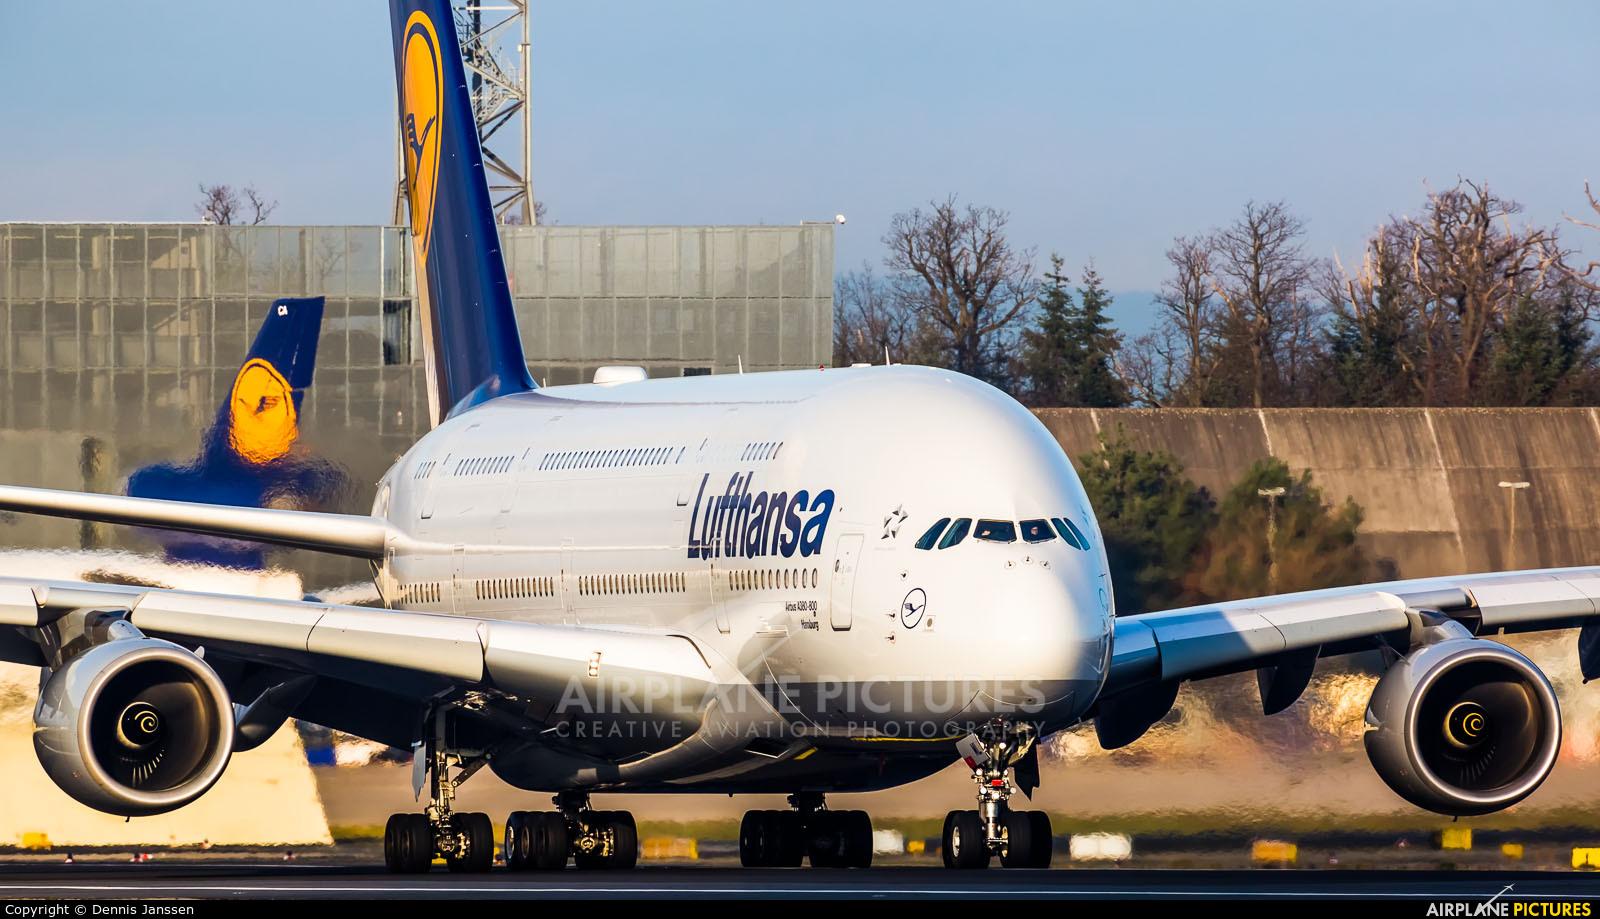 Lufthansa D-AIML aircraft at Frankfurt